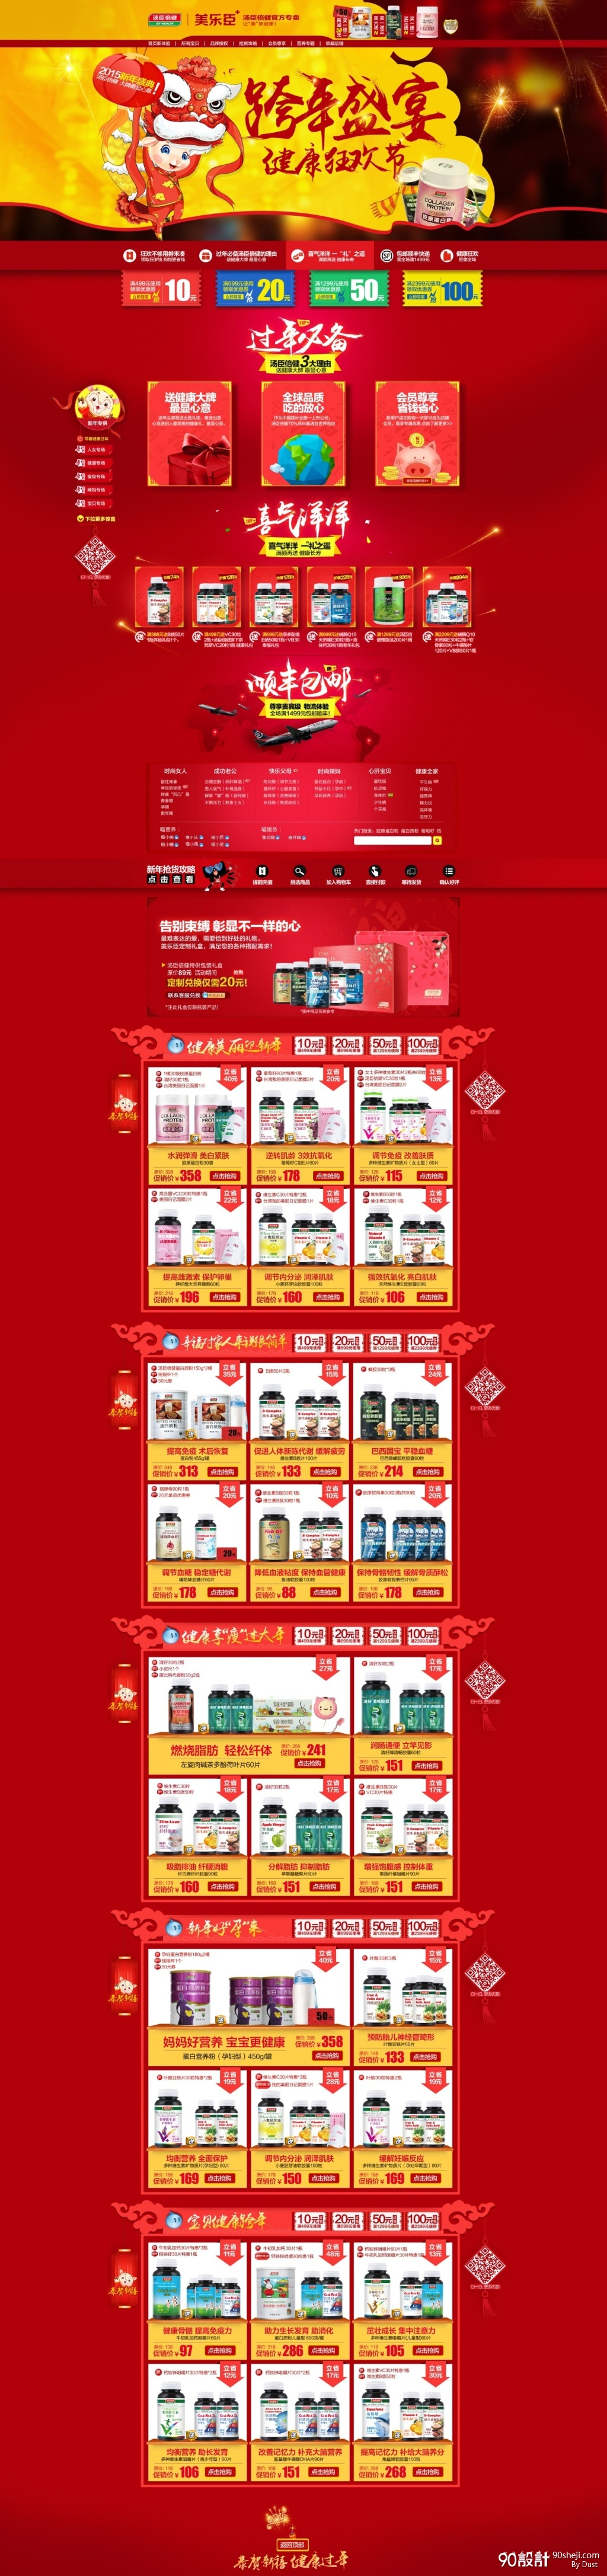 新年首页_店铺首页设计_90设计90sheji.com